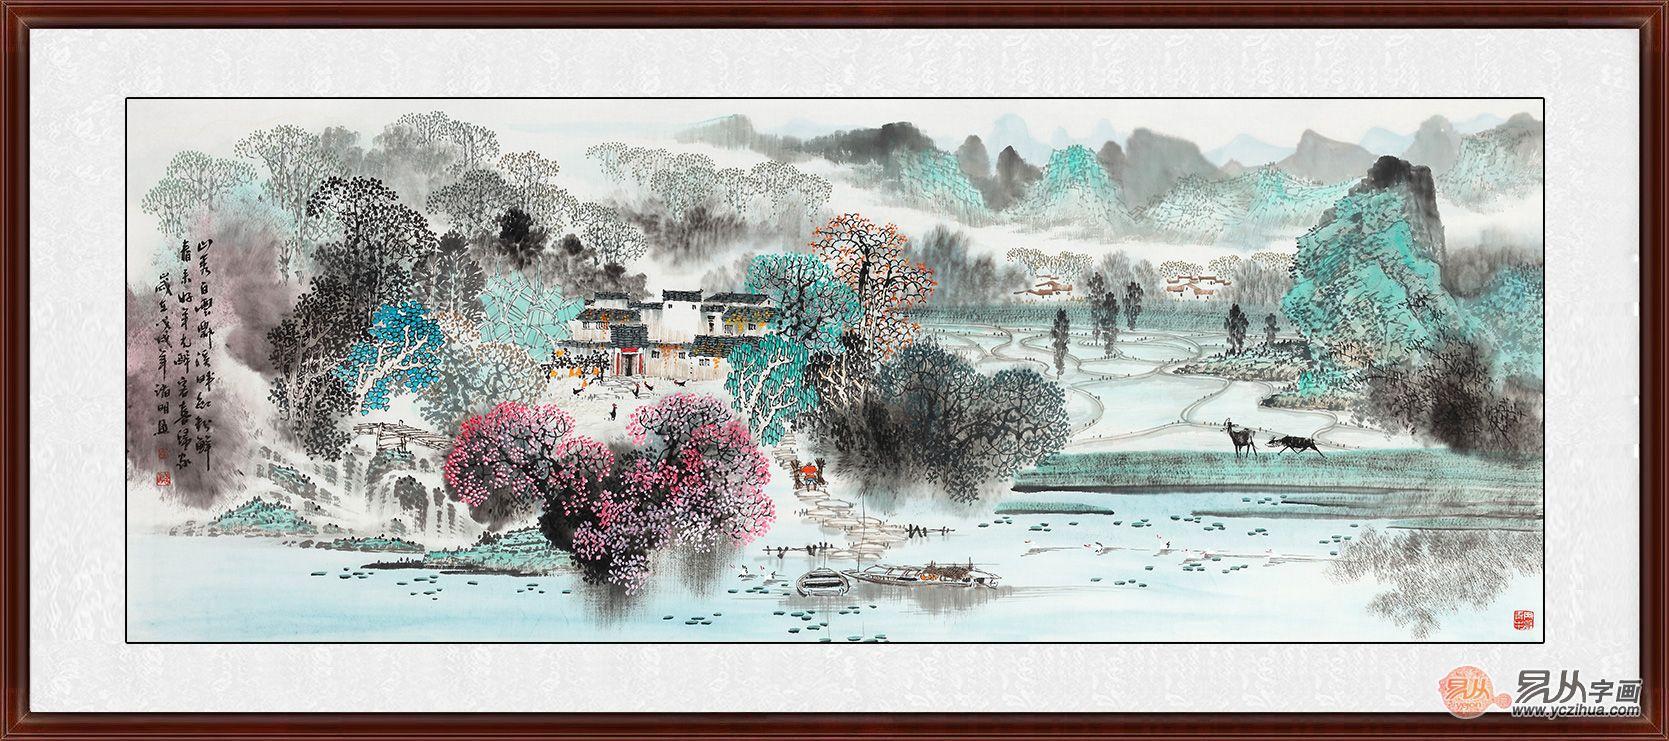 名家国画山水画欣赏,寓意深刻韵味佳